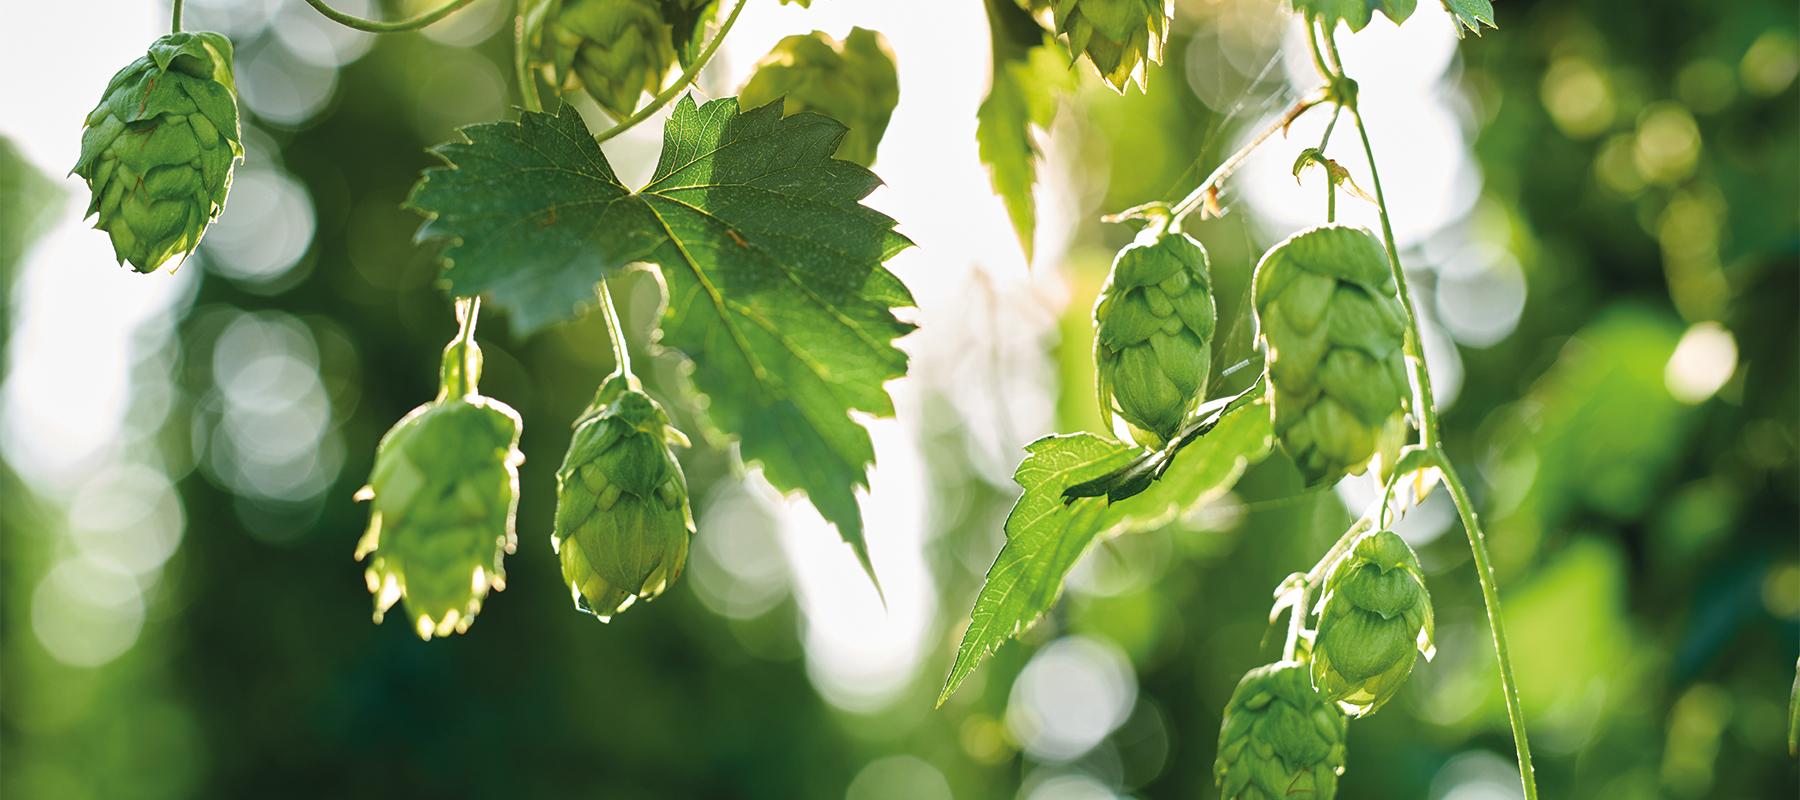 Bier van de maand augustus 2020: OMER. Traditional Blond